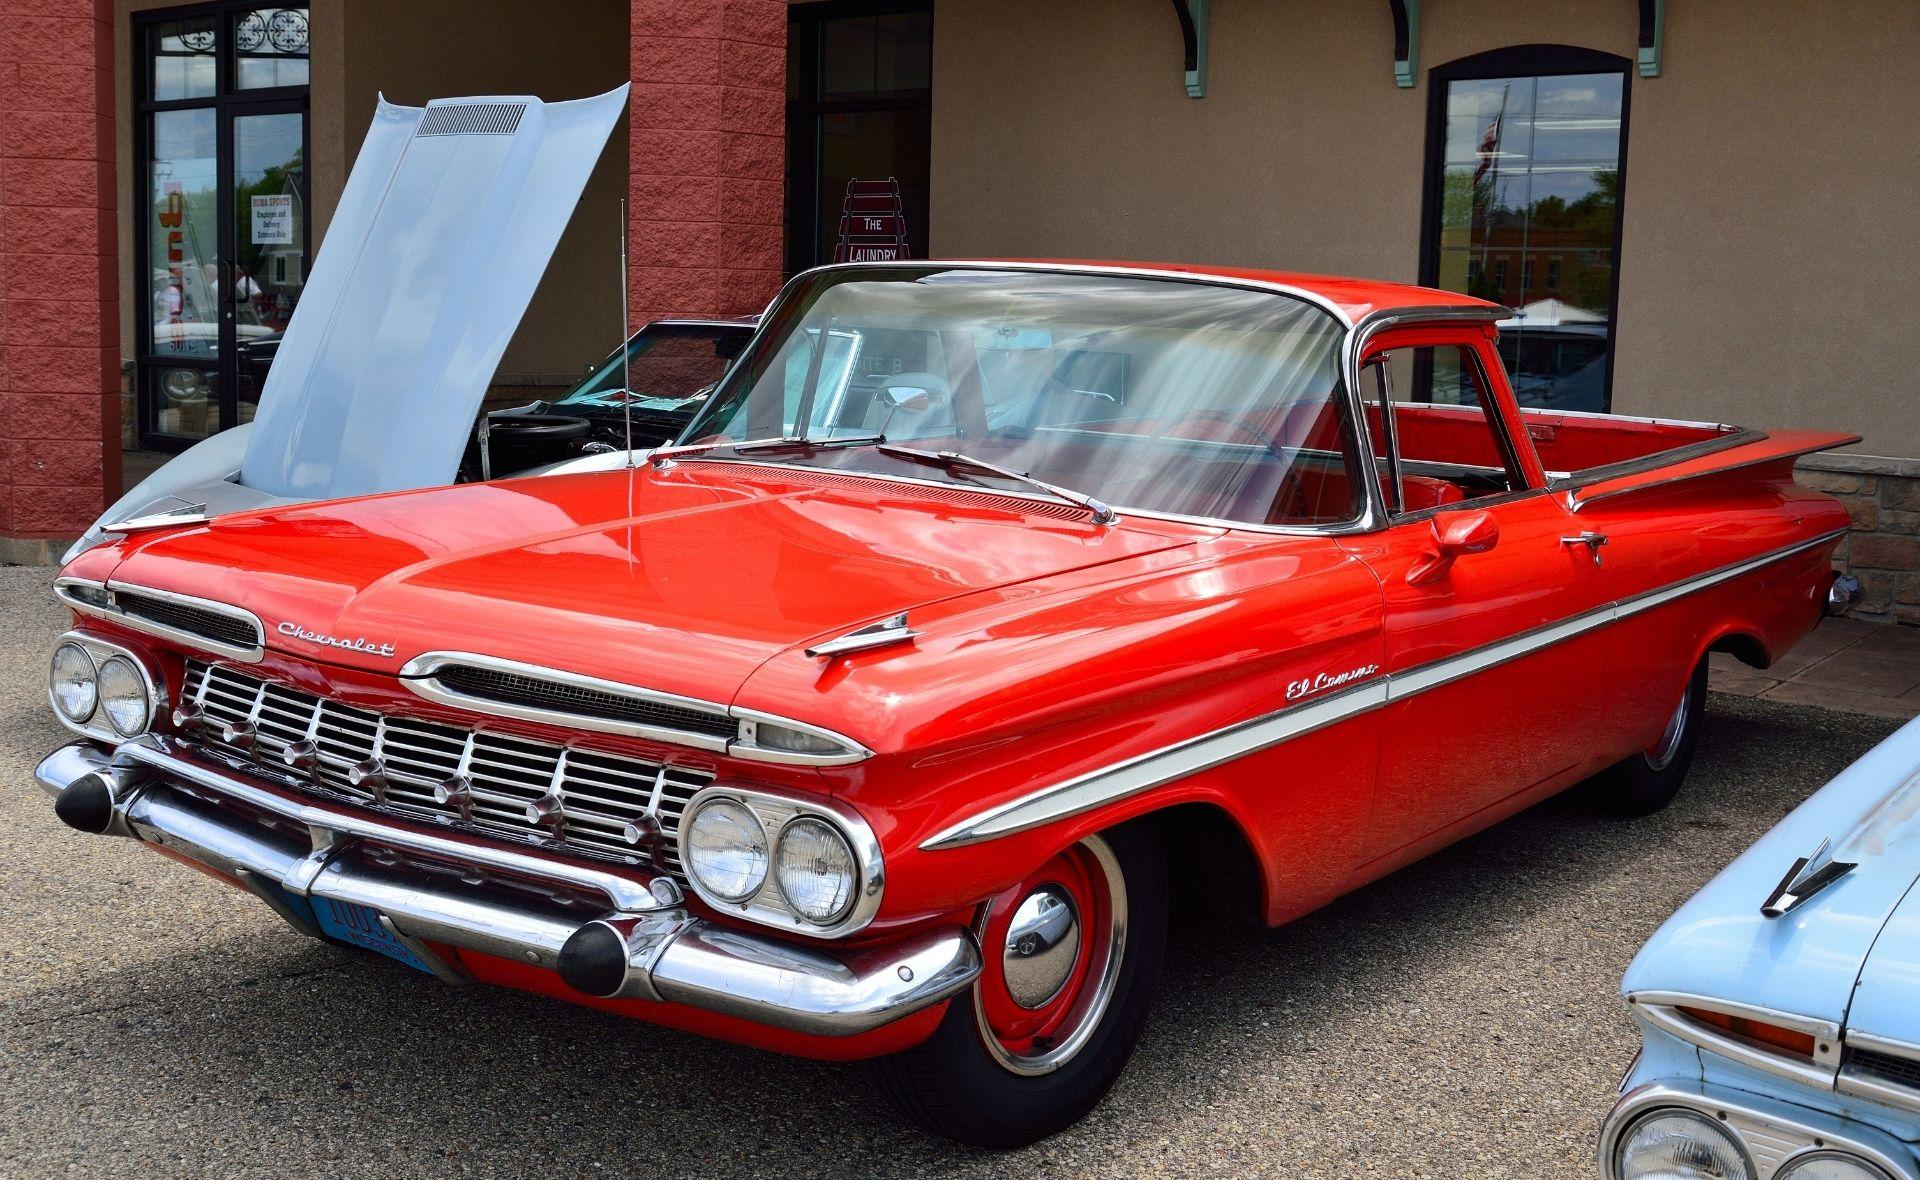 An In-Depth Look at 1959 Chevrolet El Camino